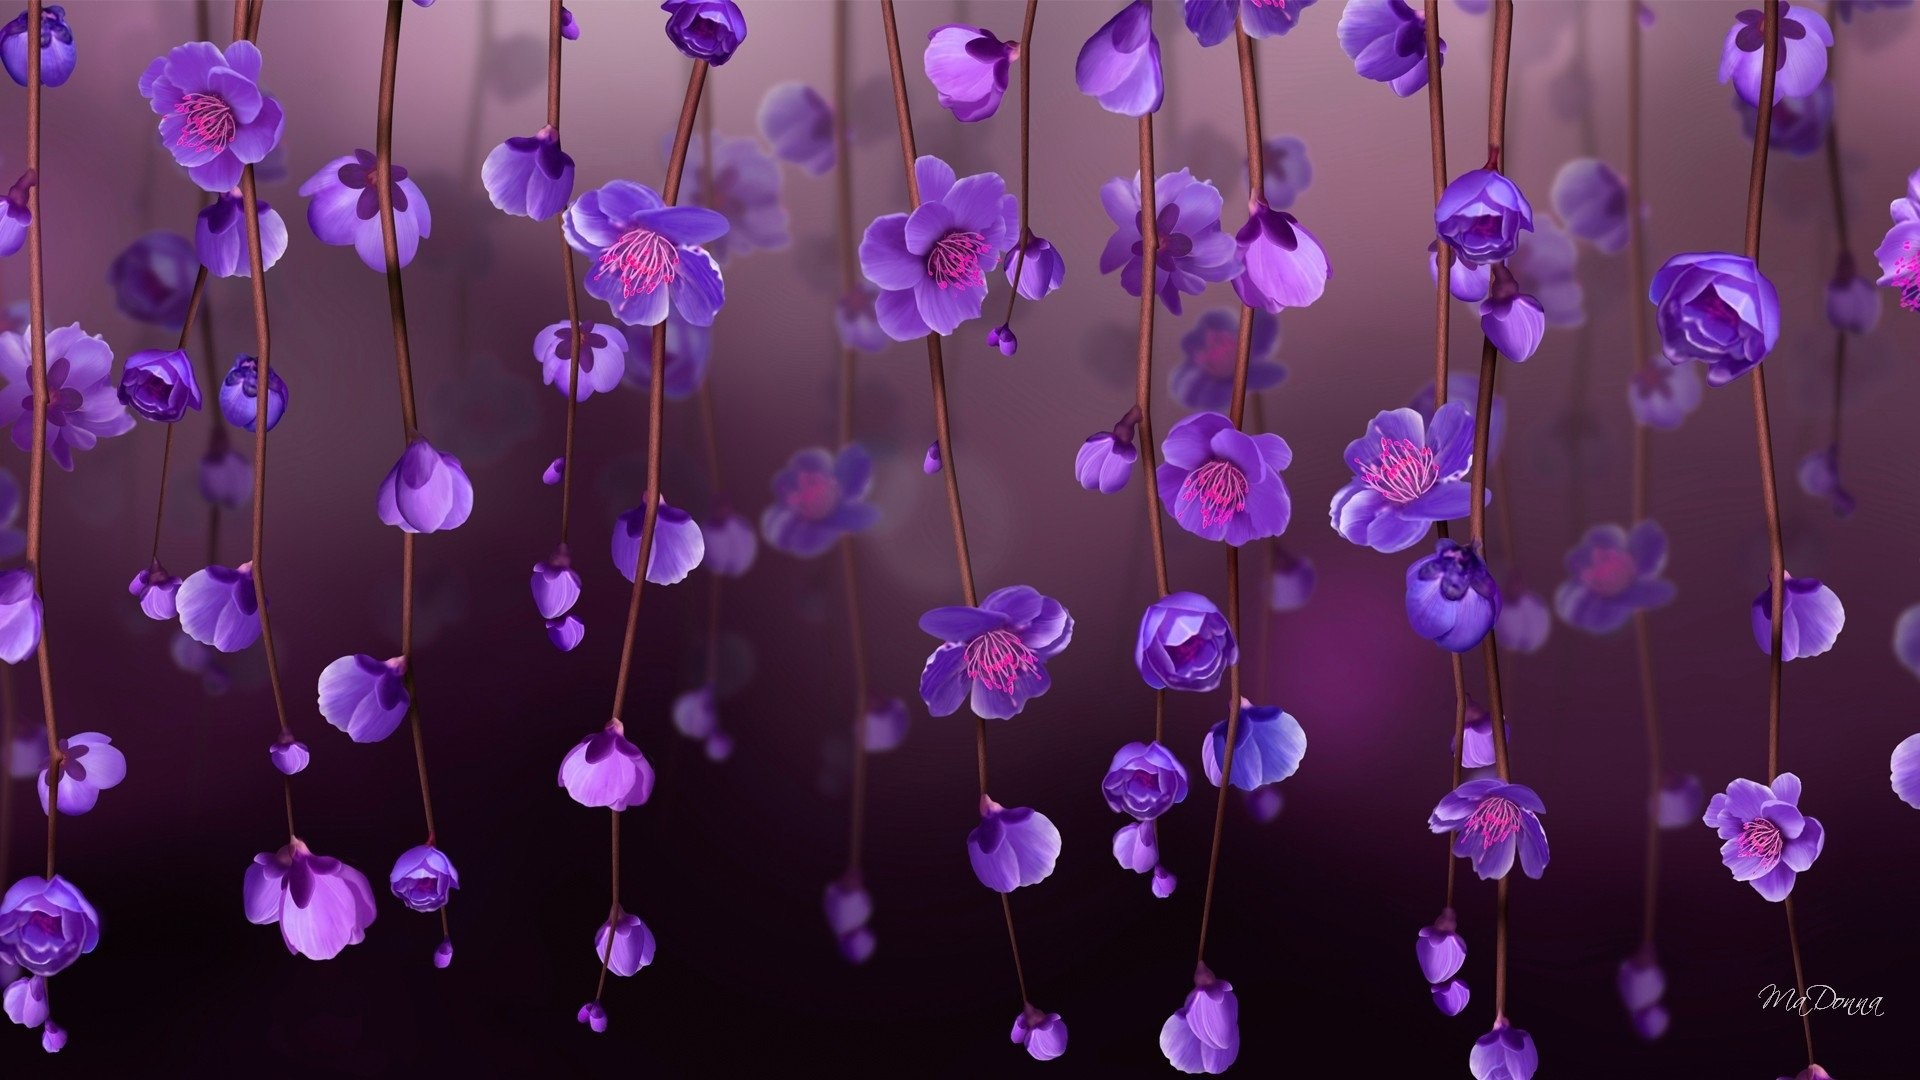 Flower Purple Flower - Desktop Wallpaper Flower Hd - HD Wallpaper